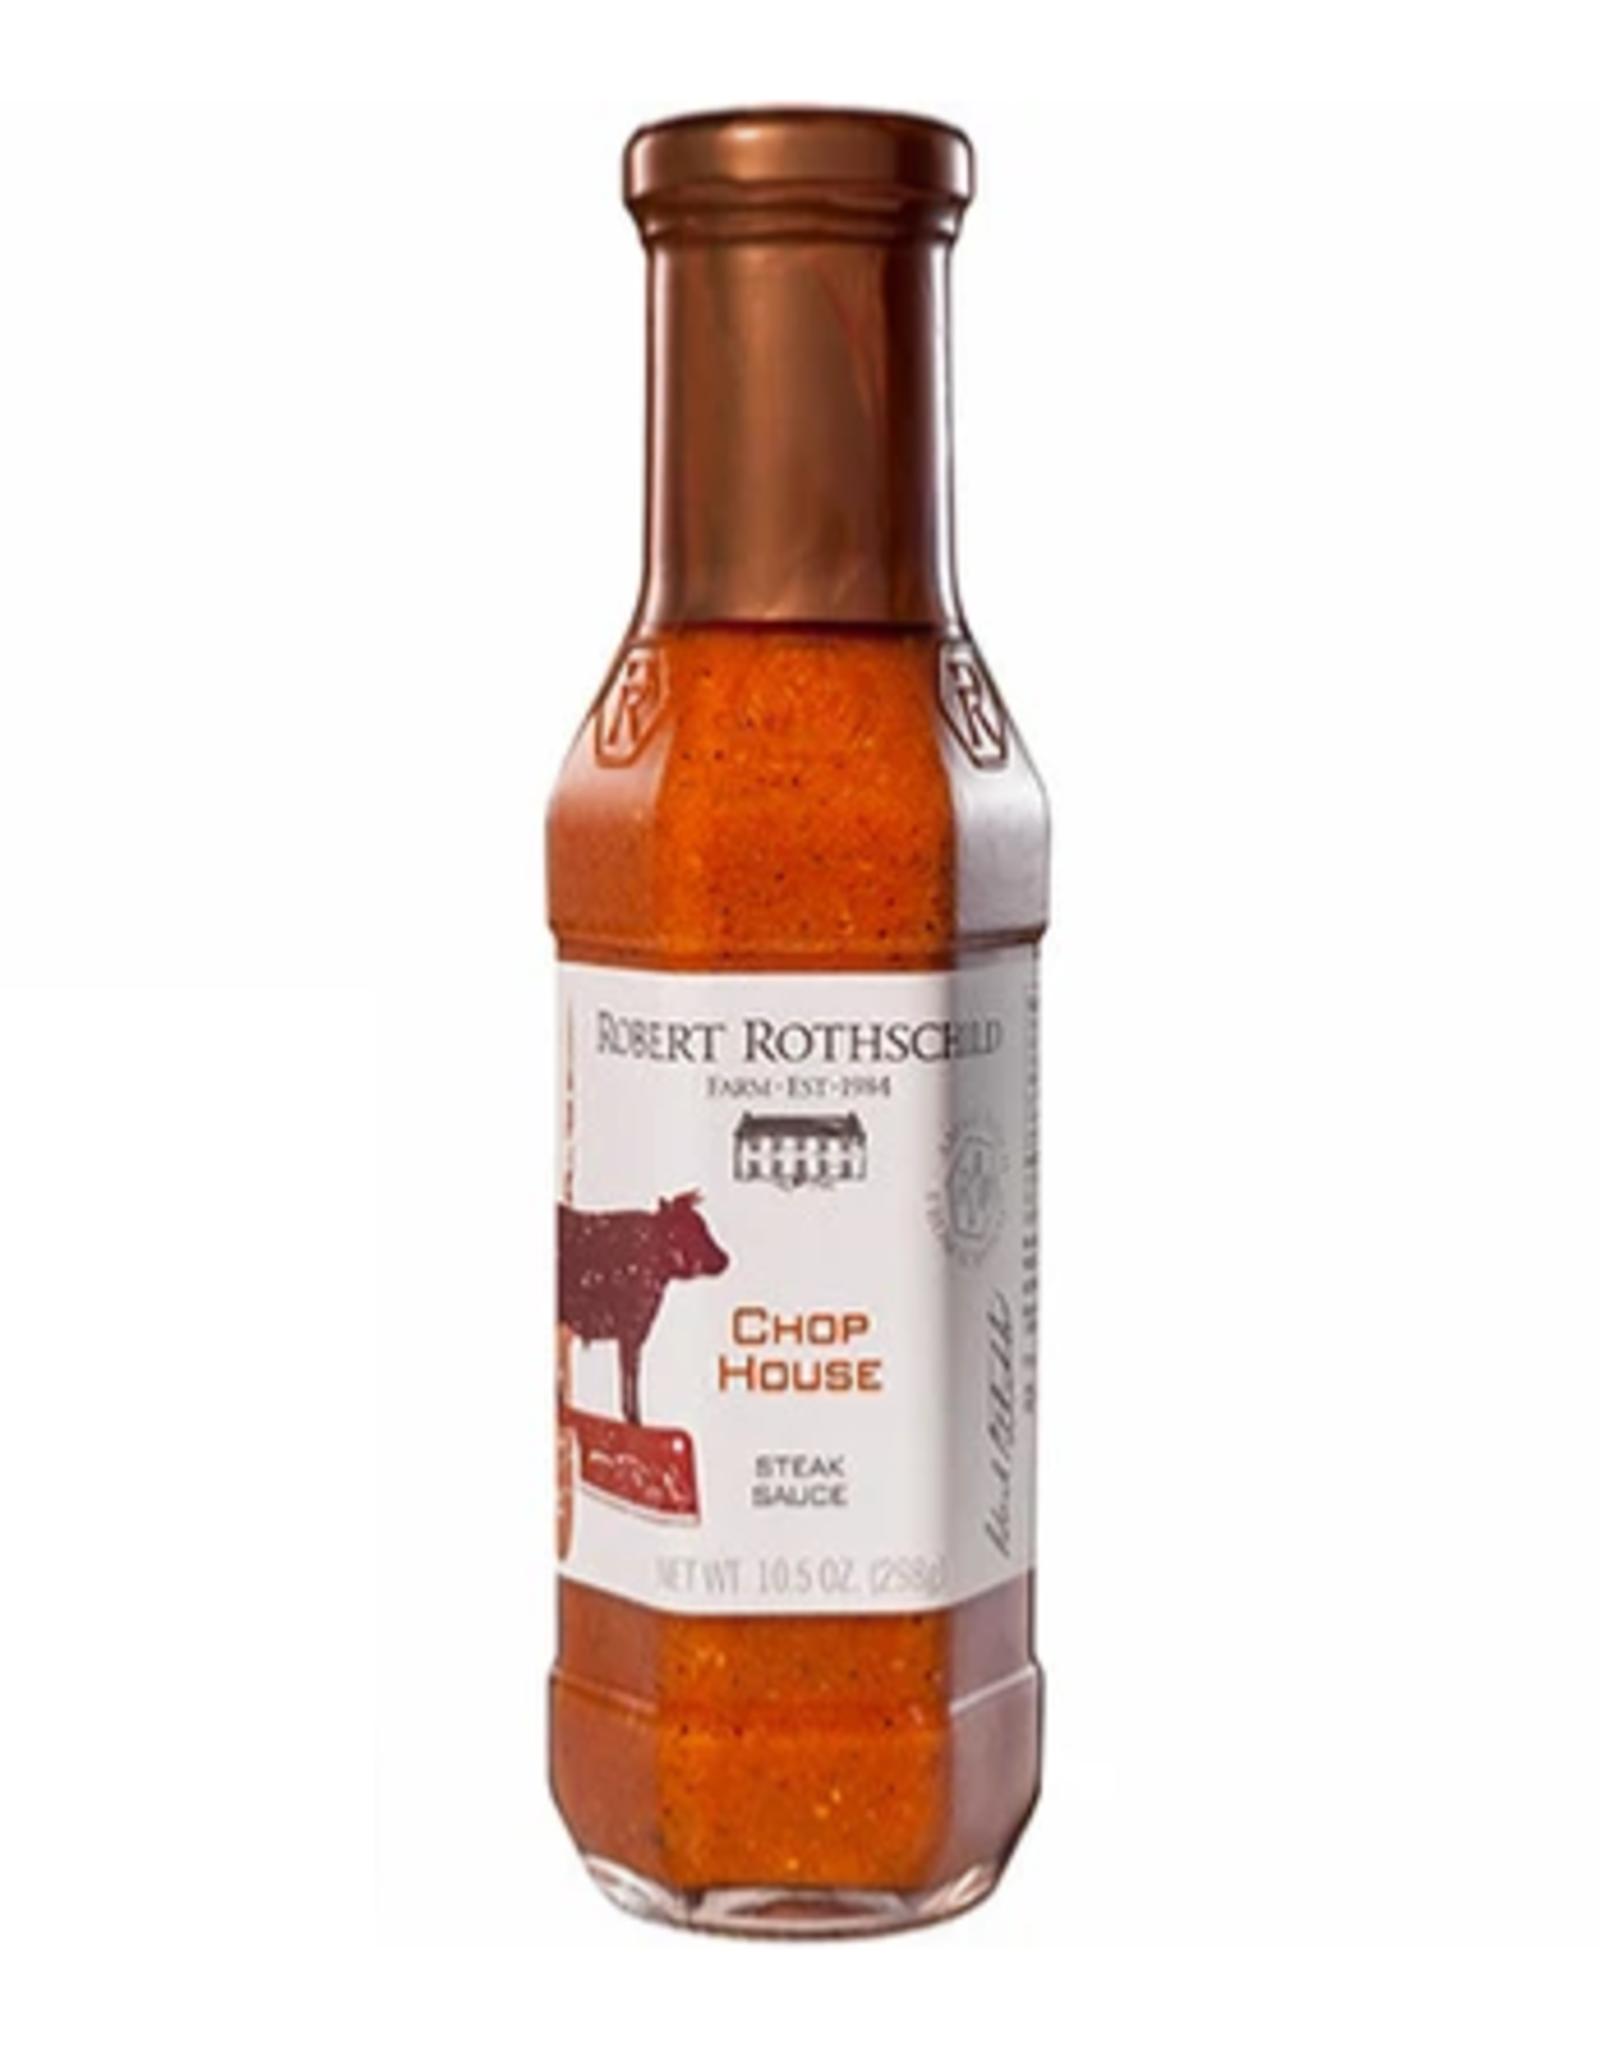 Robert Rothschild Chop House Steak Gourmet Sauce, 10.5oz